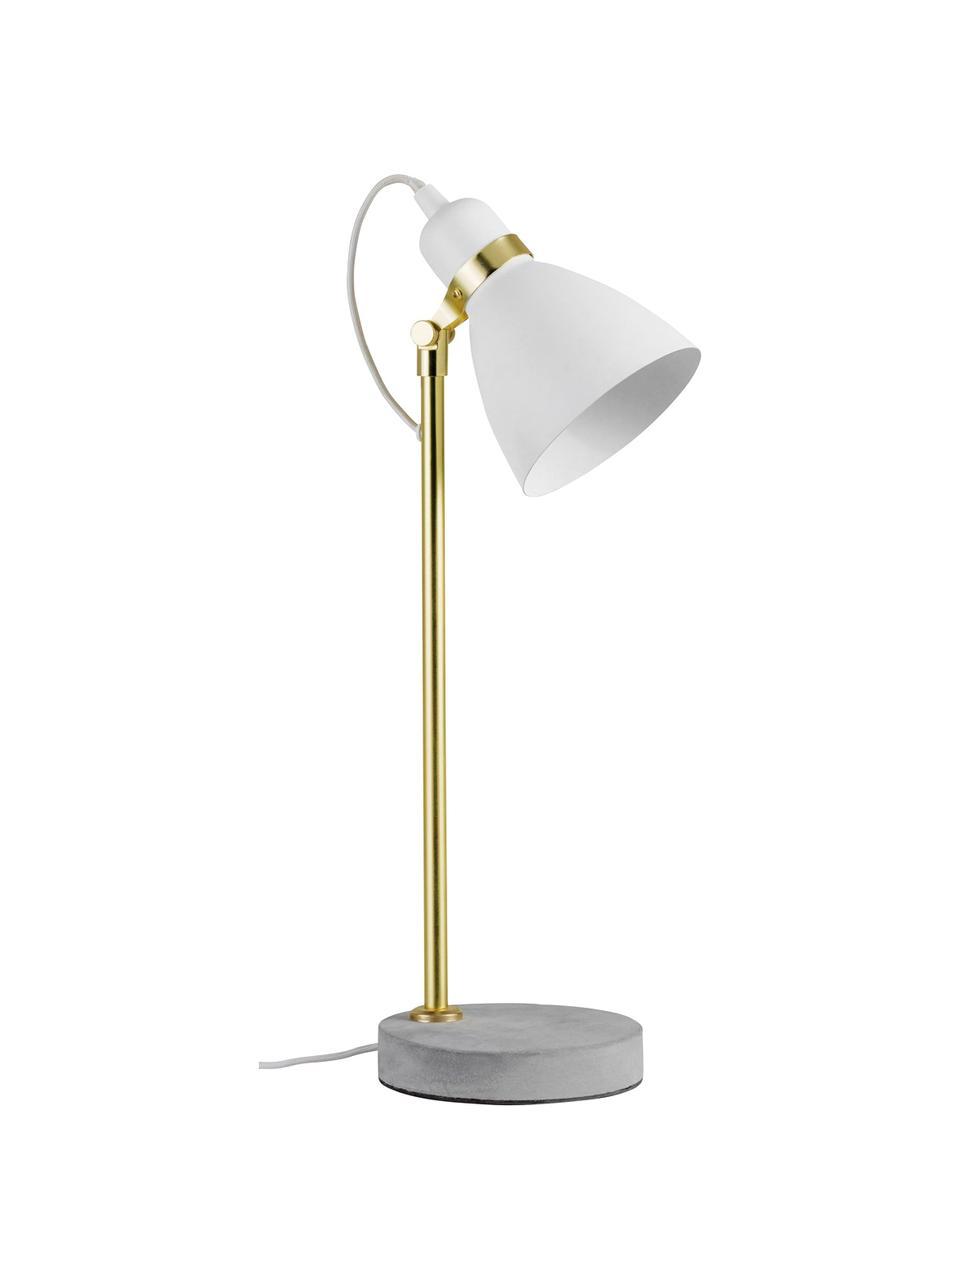 Große Schreibtischlampe Orm mit Betonfuß, Lampenschirm: Metall, beschichtet, Lampenfuß: Beton, Weiß, Messingfarben, Grau, Ø 15 x H 50 cm